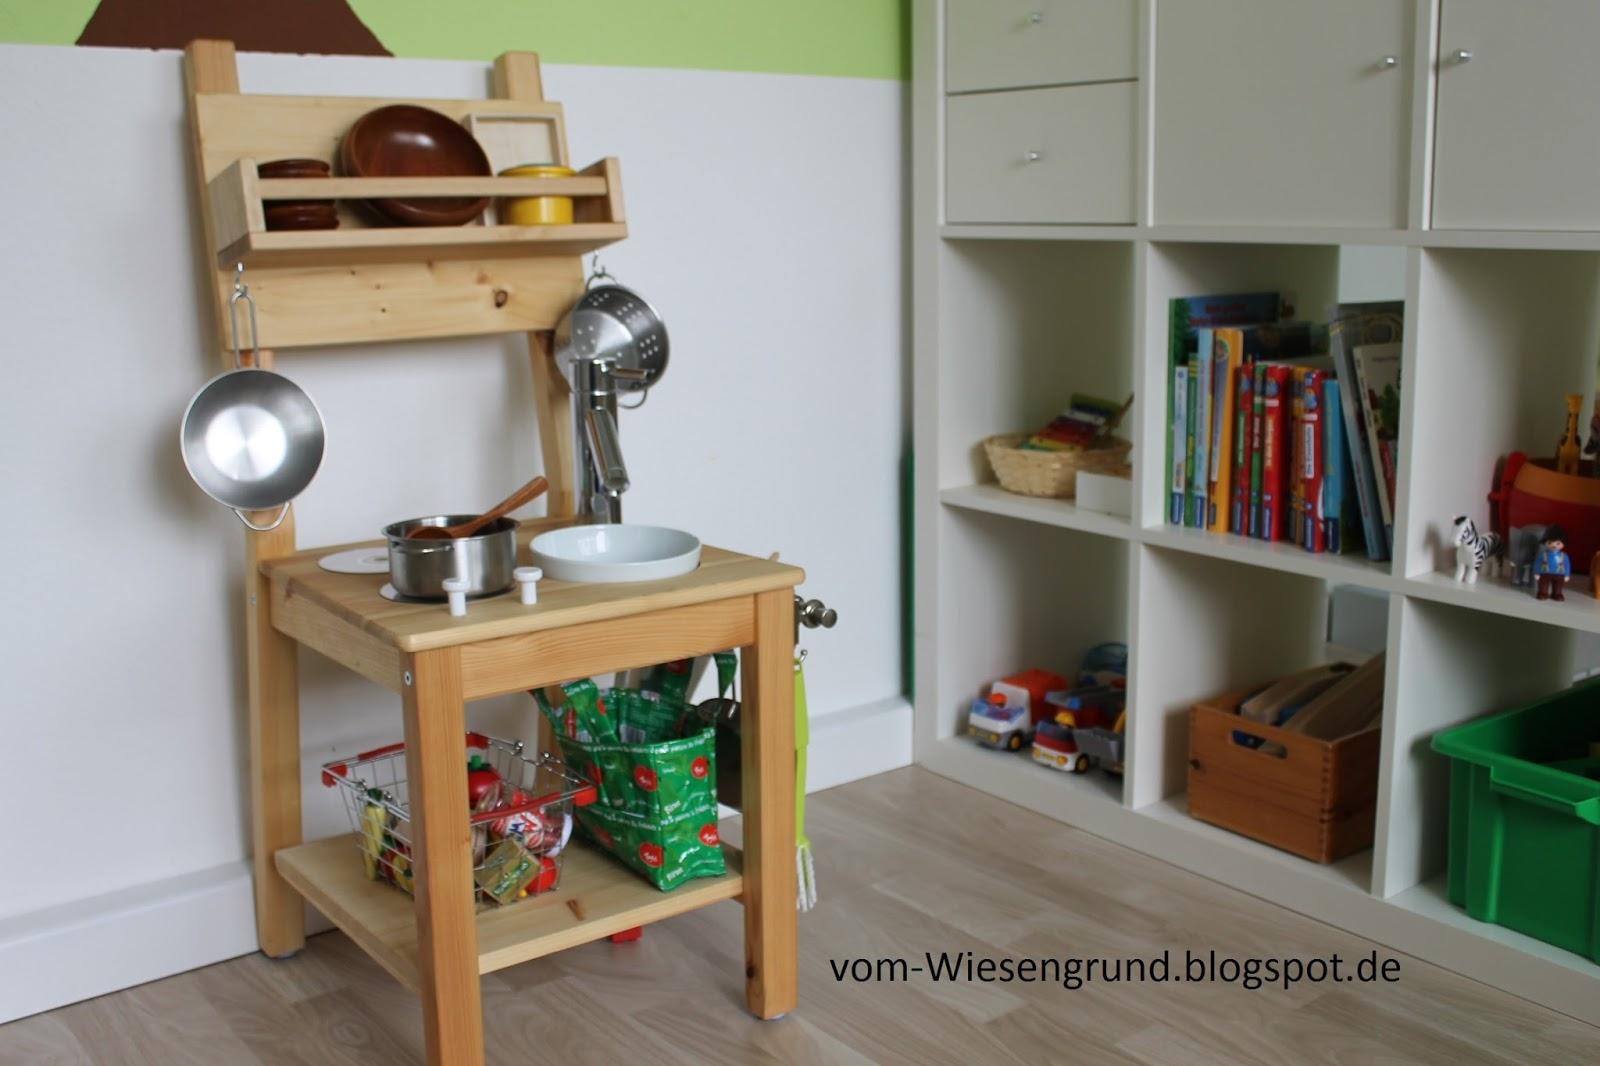 Vom Wiesengrund: Kinderküche selbst gebaut